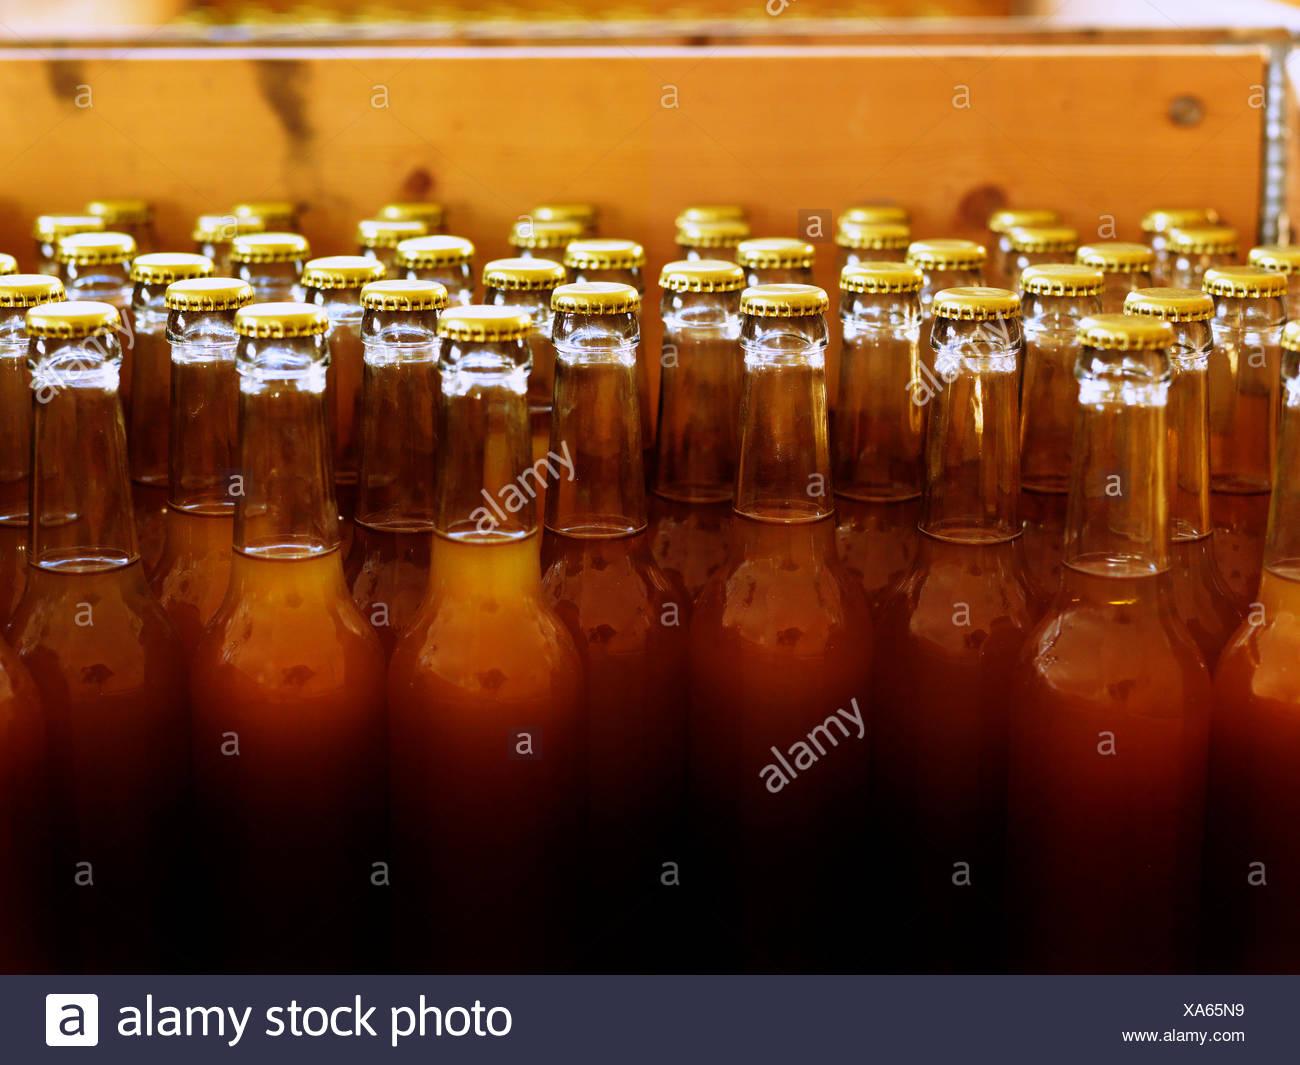 Schweden, Unlabelled Flaschen mit geschlossenen Spitzen und mit leichten braunen Flüssigkeit gefüllt Stockbild